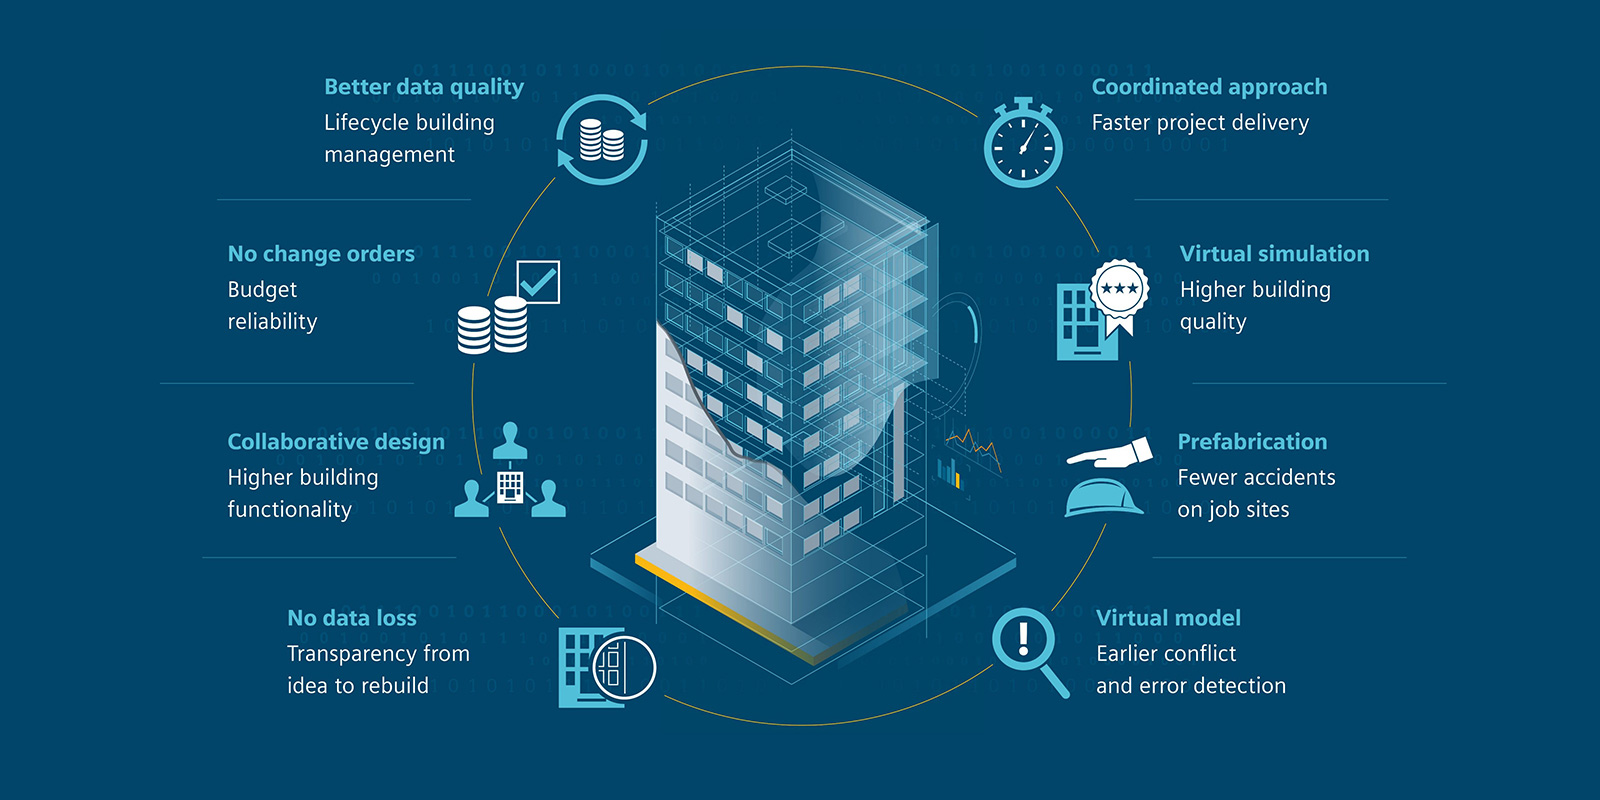 vantaggi della digitalizzazione dei dati